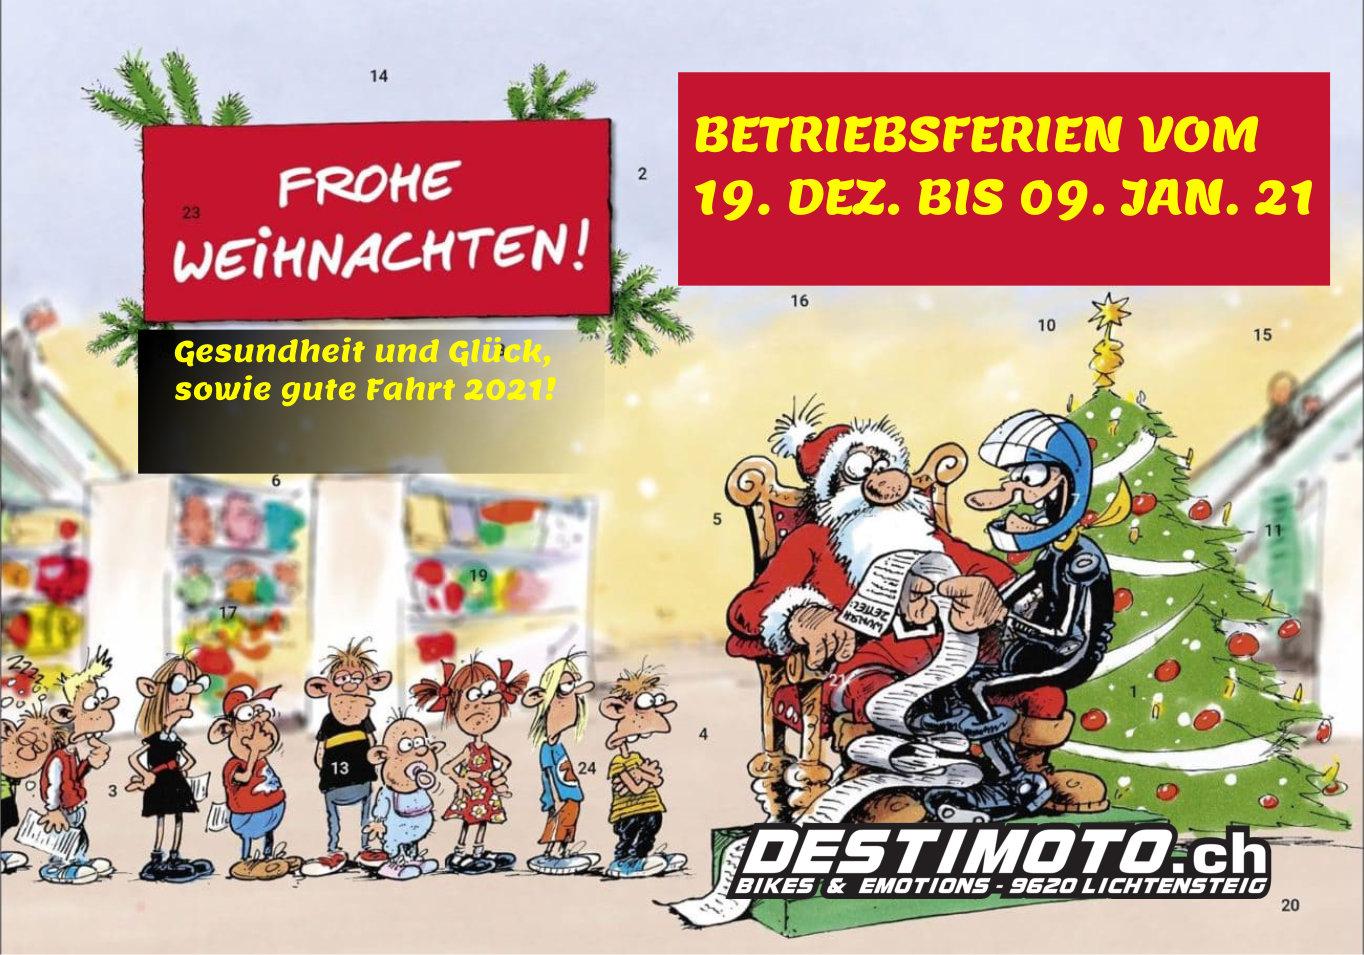 Weihnachten & Betriebsferien